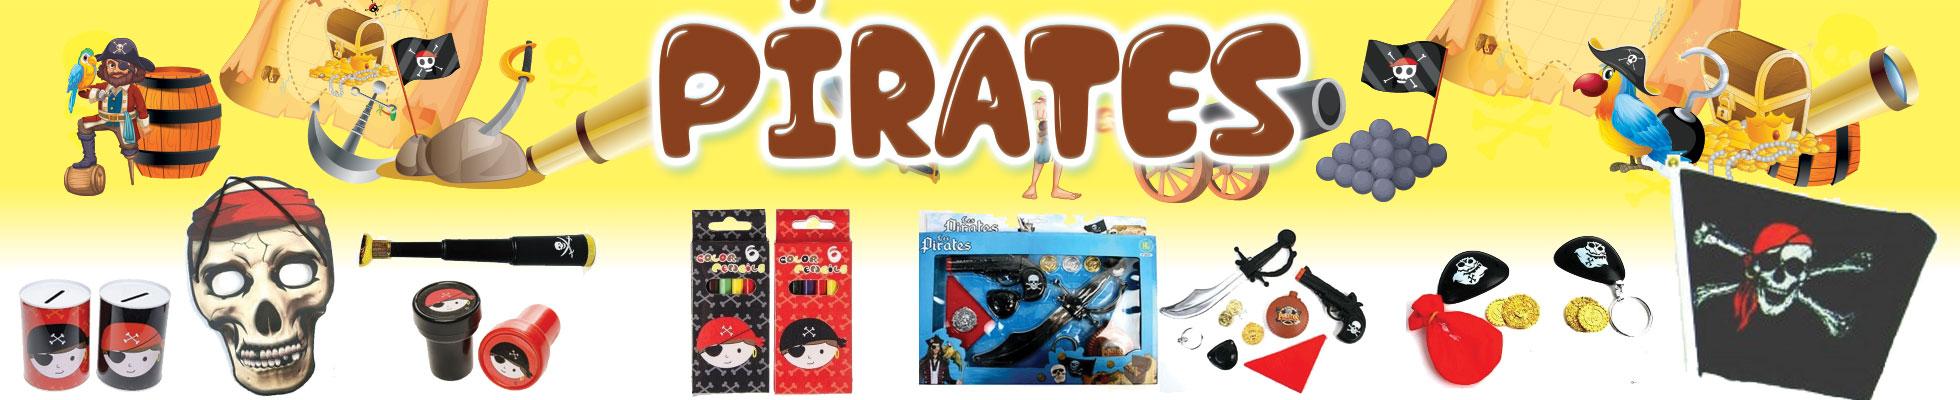 Articles de kermesse sur le thème des pirates